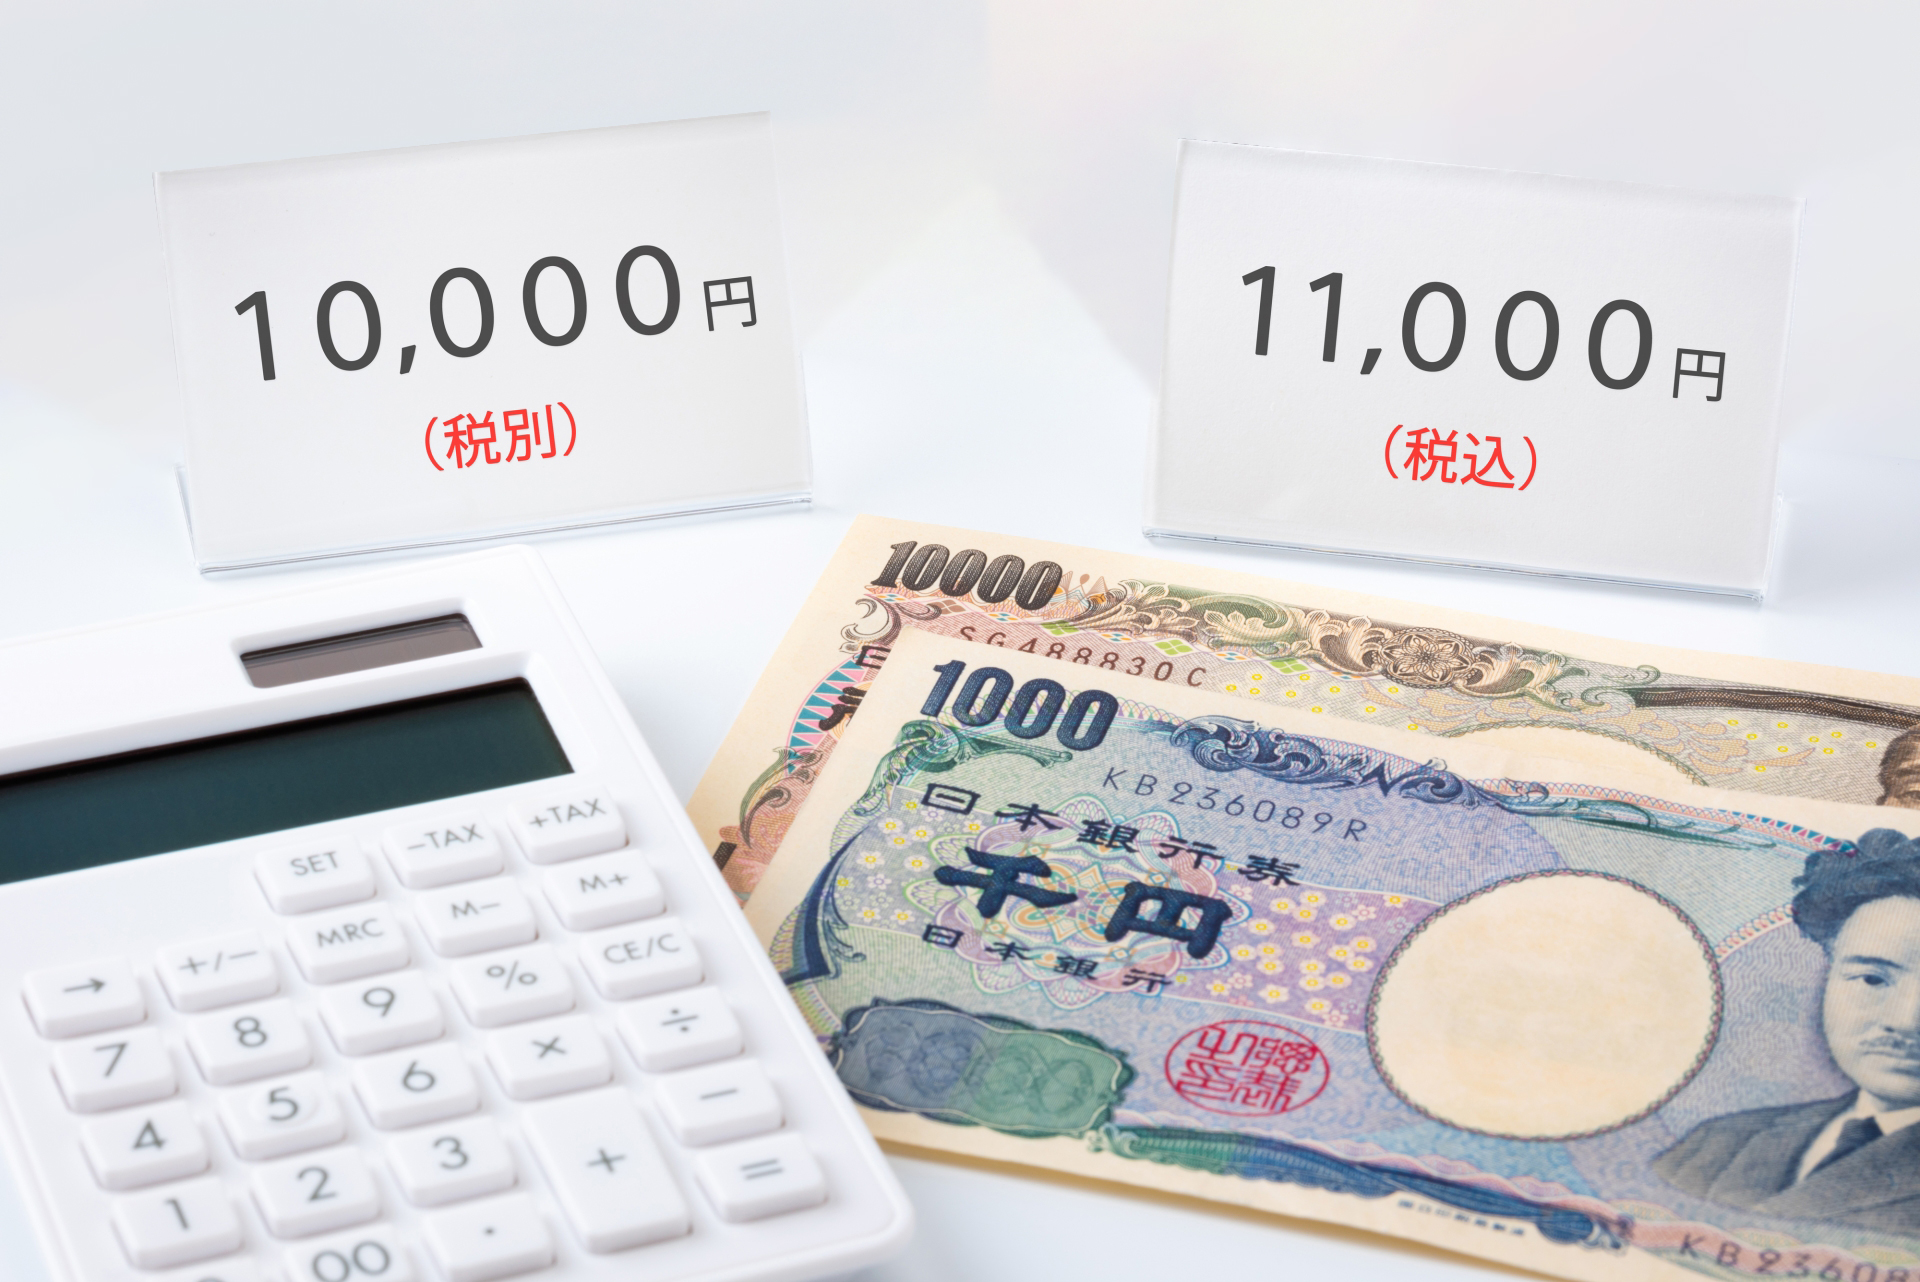 税込価格の表示義務化